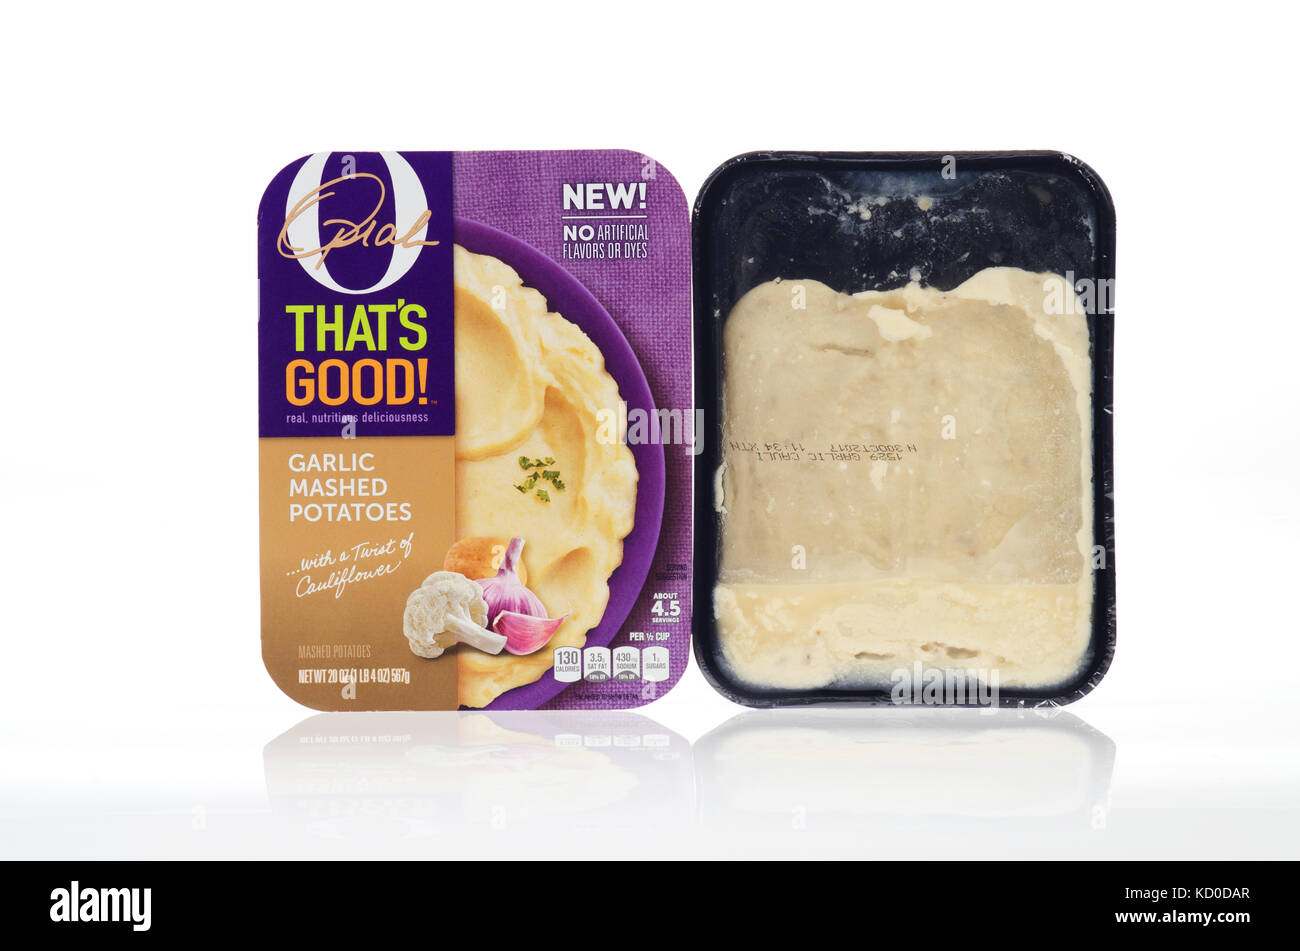 O ESO GOO ! Confort de alimentos preparados refrigerados por Oprah Winfrey guarnición de puré de patatas Imagen De Stock